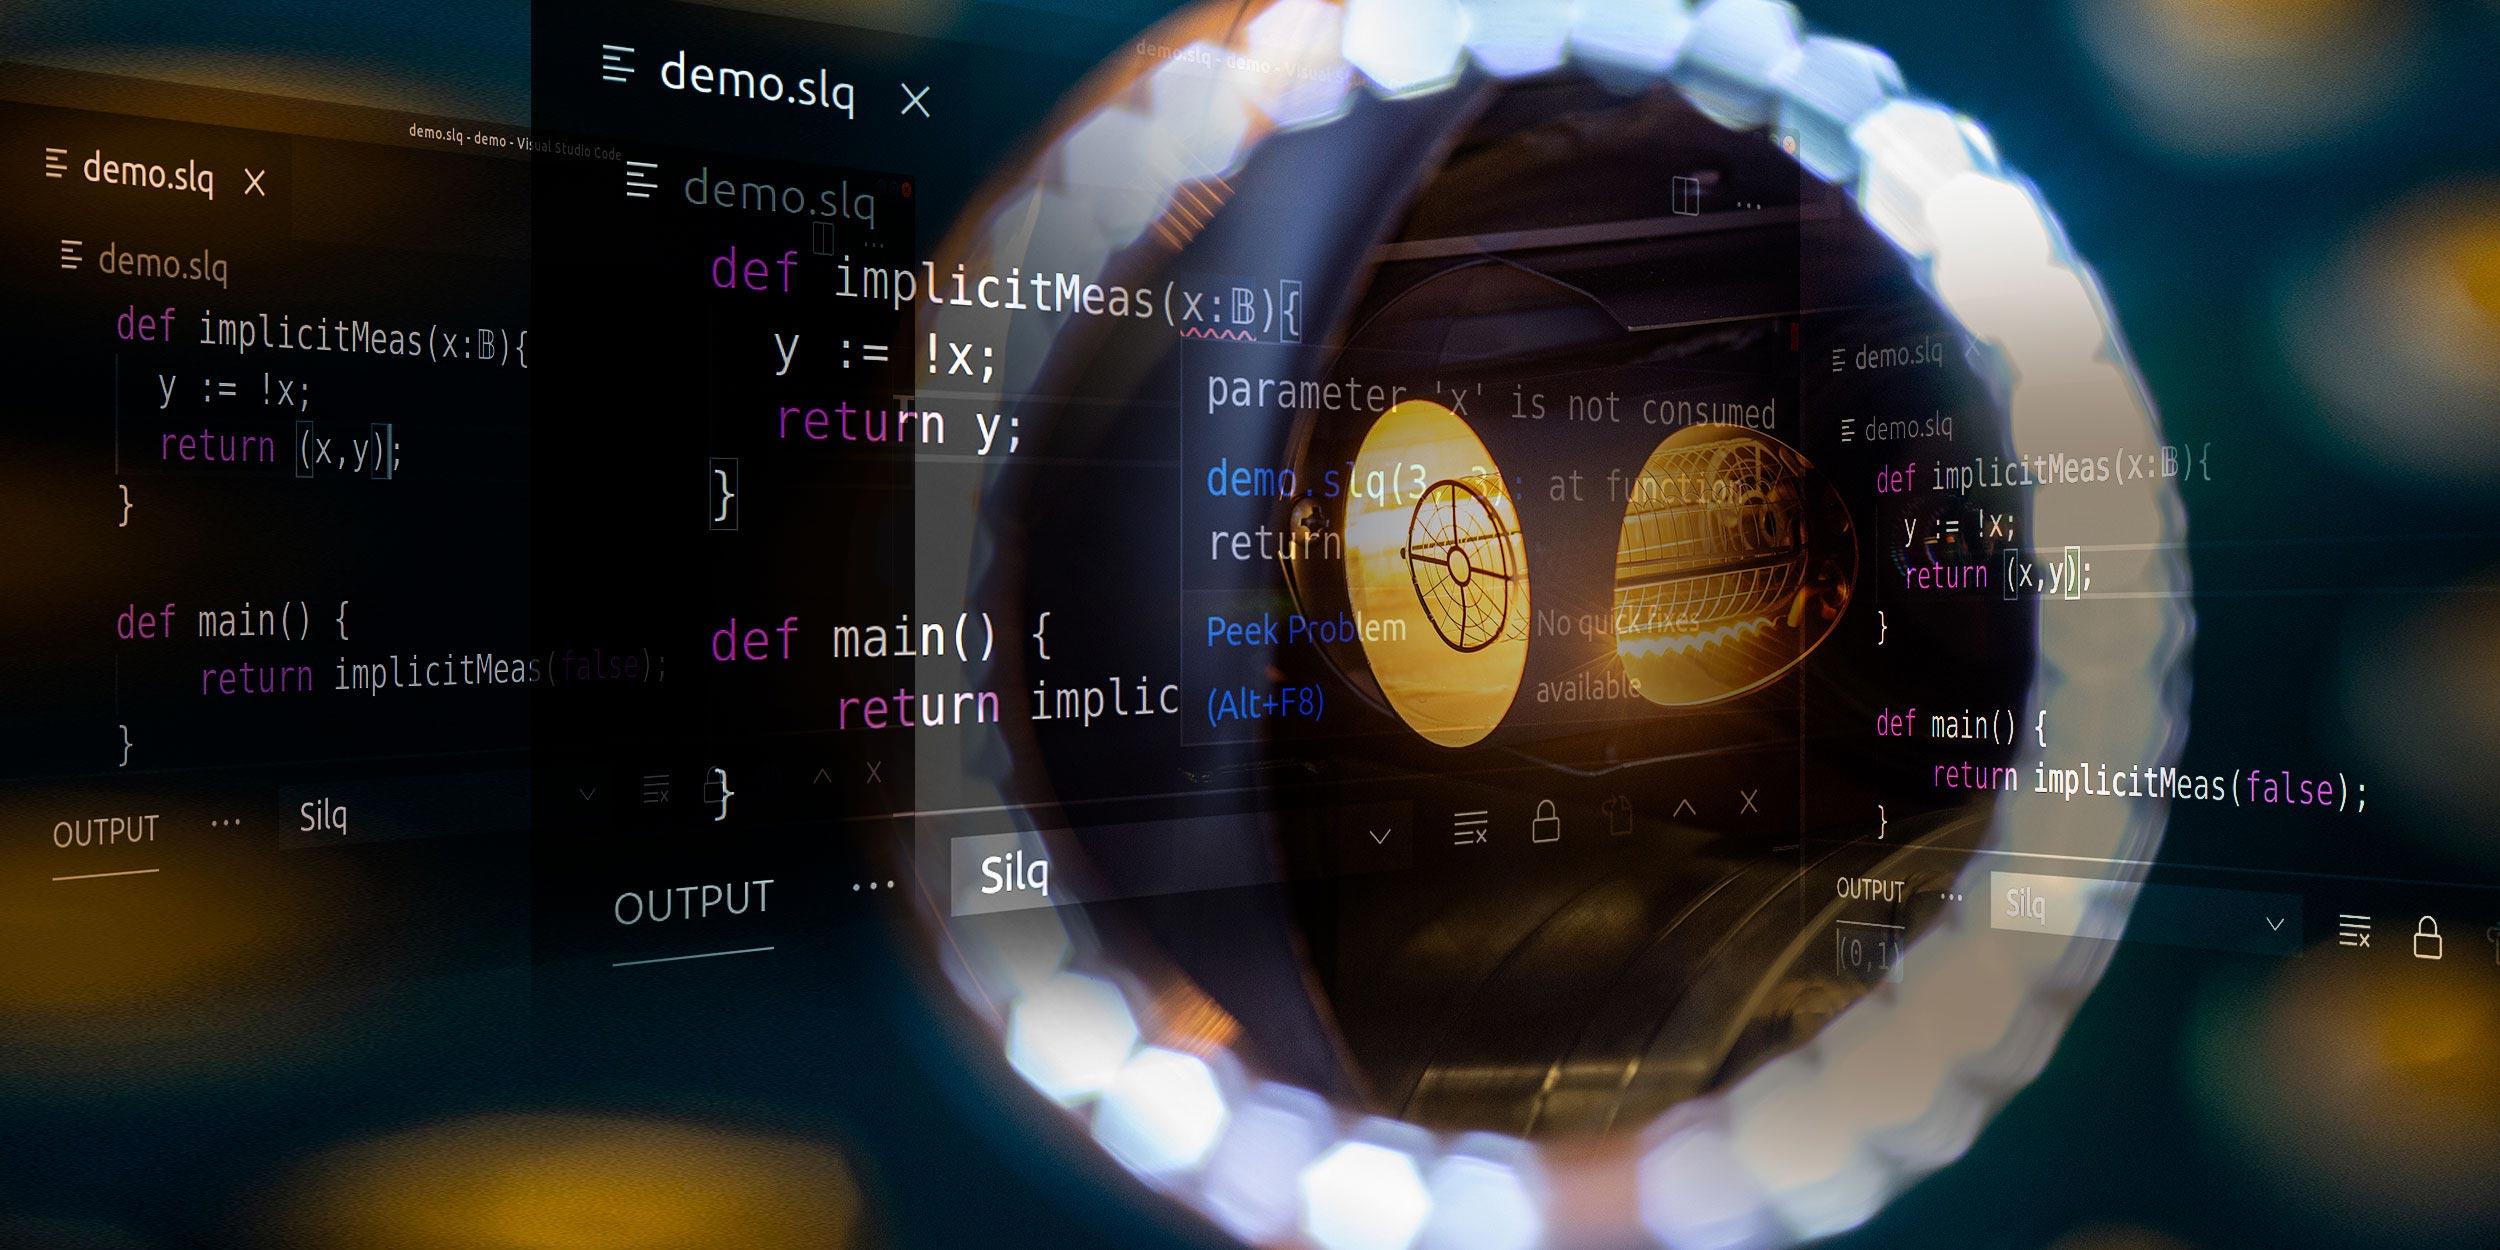 تعرف على أول لغة برمجية بديهية للحواسيب الكمومية - طور علماء الحاسوب أول لغة برمجة كمومية تحل الحسابات المعقدة بذكاء وبساطة وأمان - لغة البرمجة الكمومية